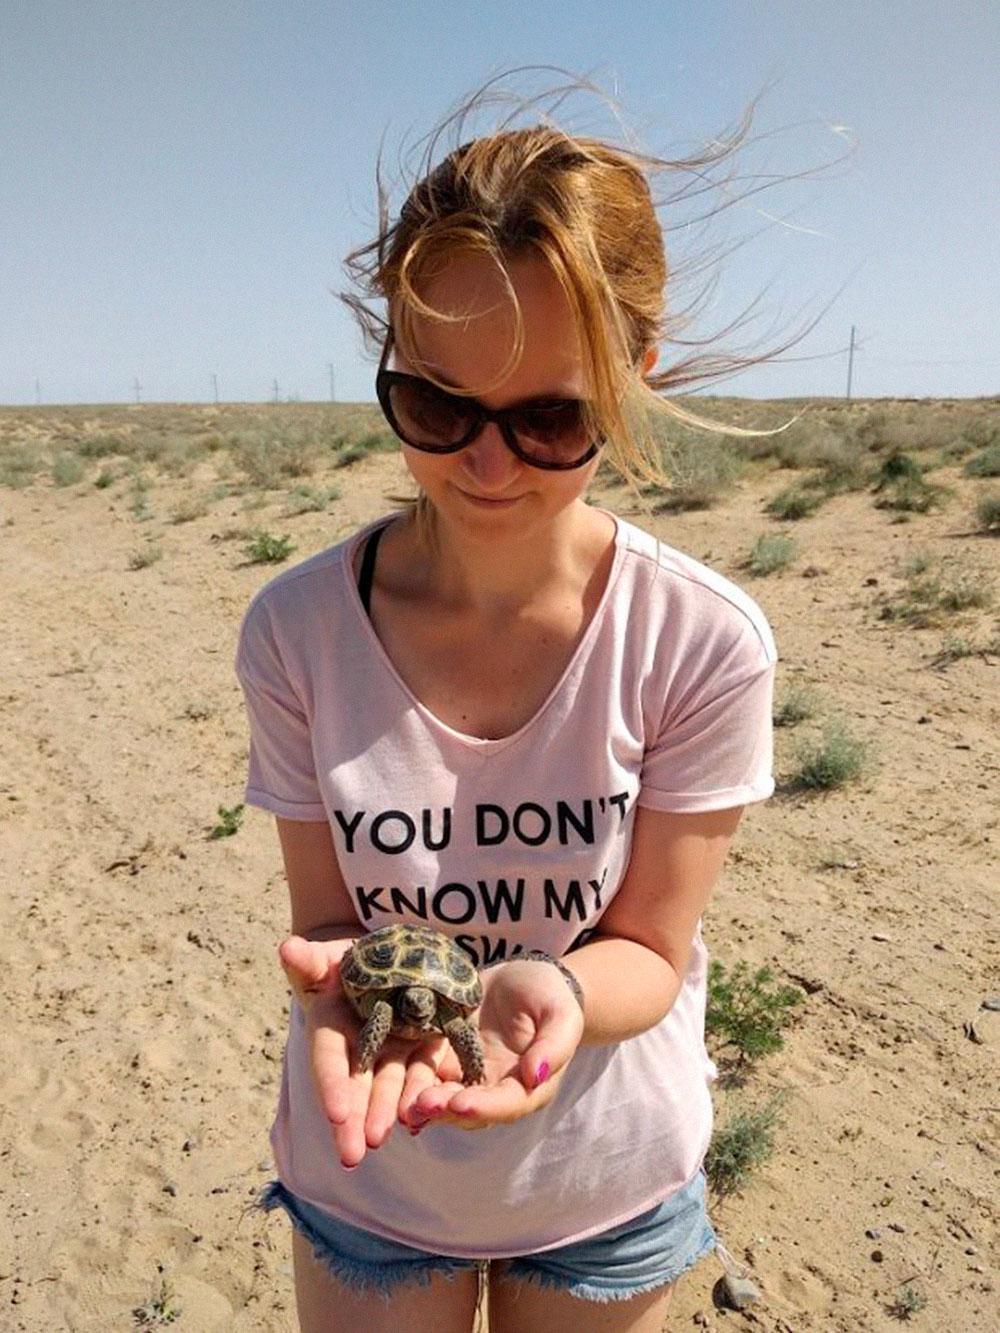 В районе Аральска мы увидели краснокнижных черепах, которые выползали из степи на дорогу и попадали подколеса проезжающих мимо фур. Мы останавливались каждый раз, когда видели черепах, чтобы отнести их подальше в степь